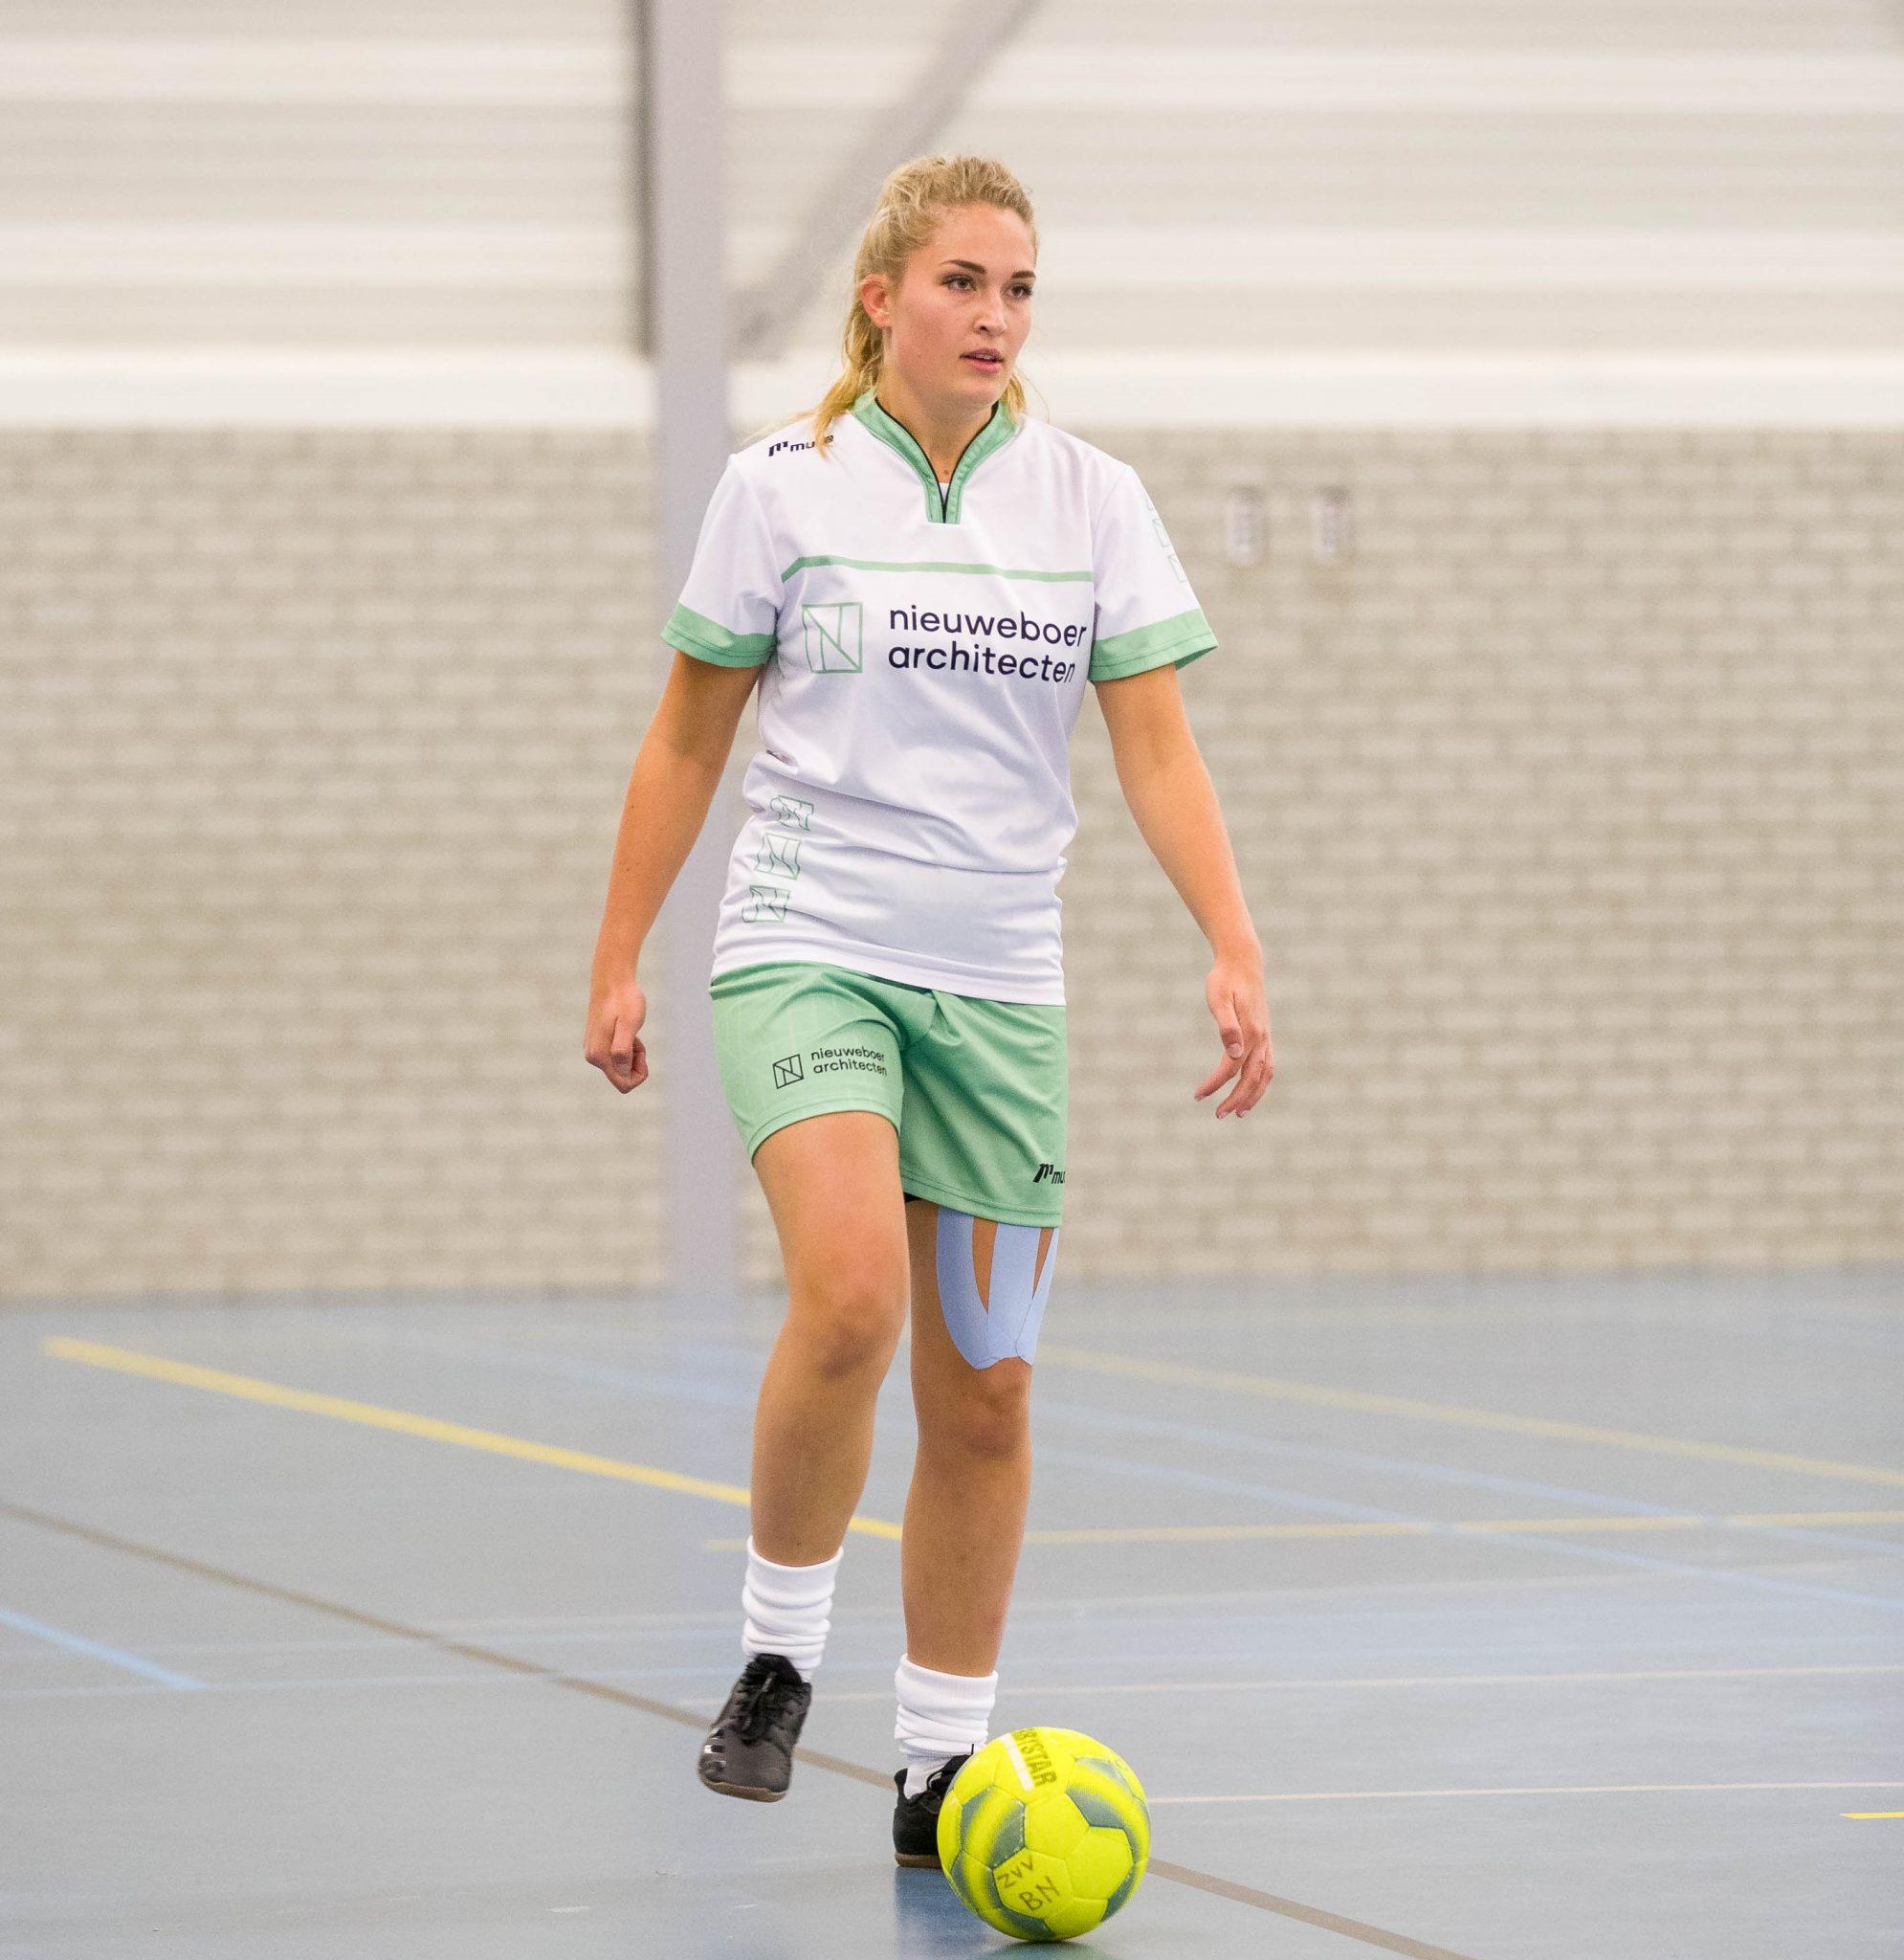 Nieuweboer VR1 blijft met 5e overwinning op koers